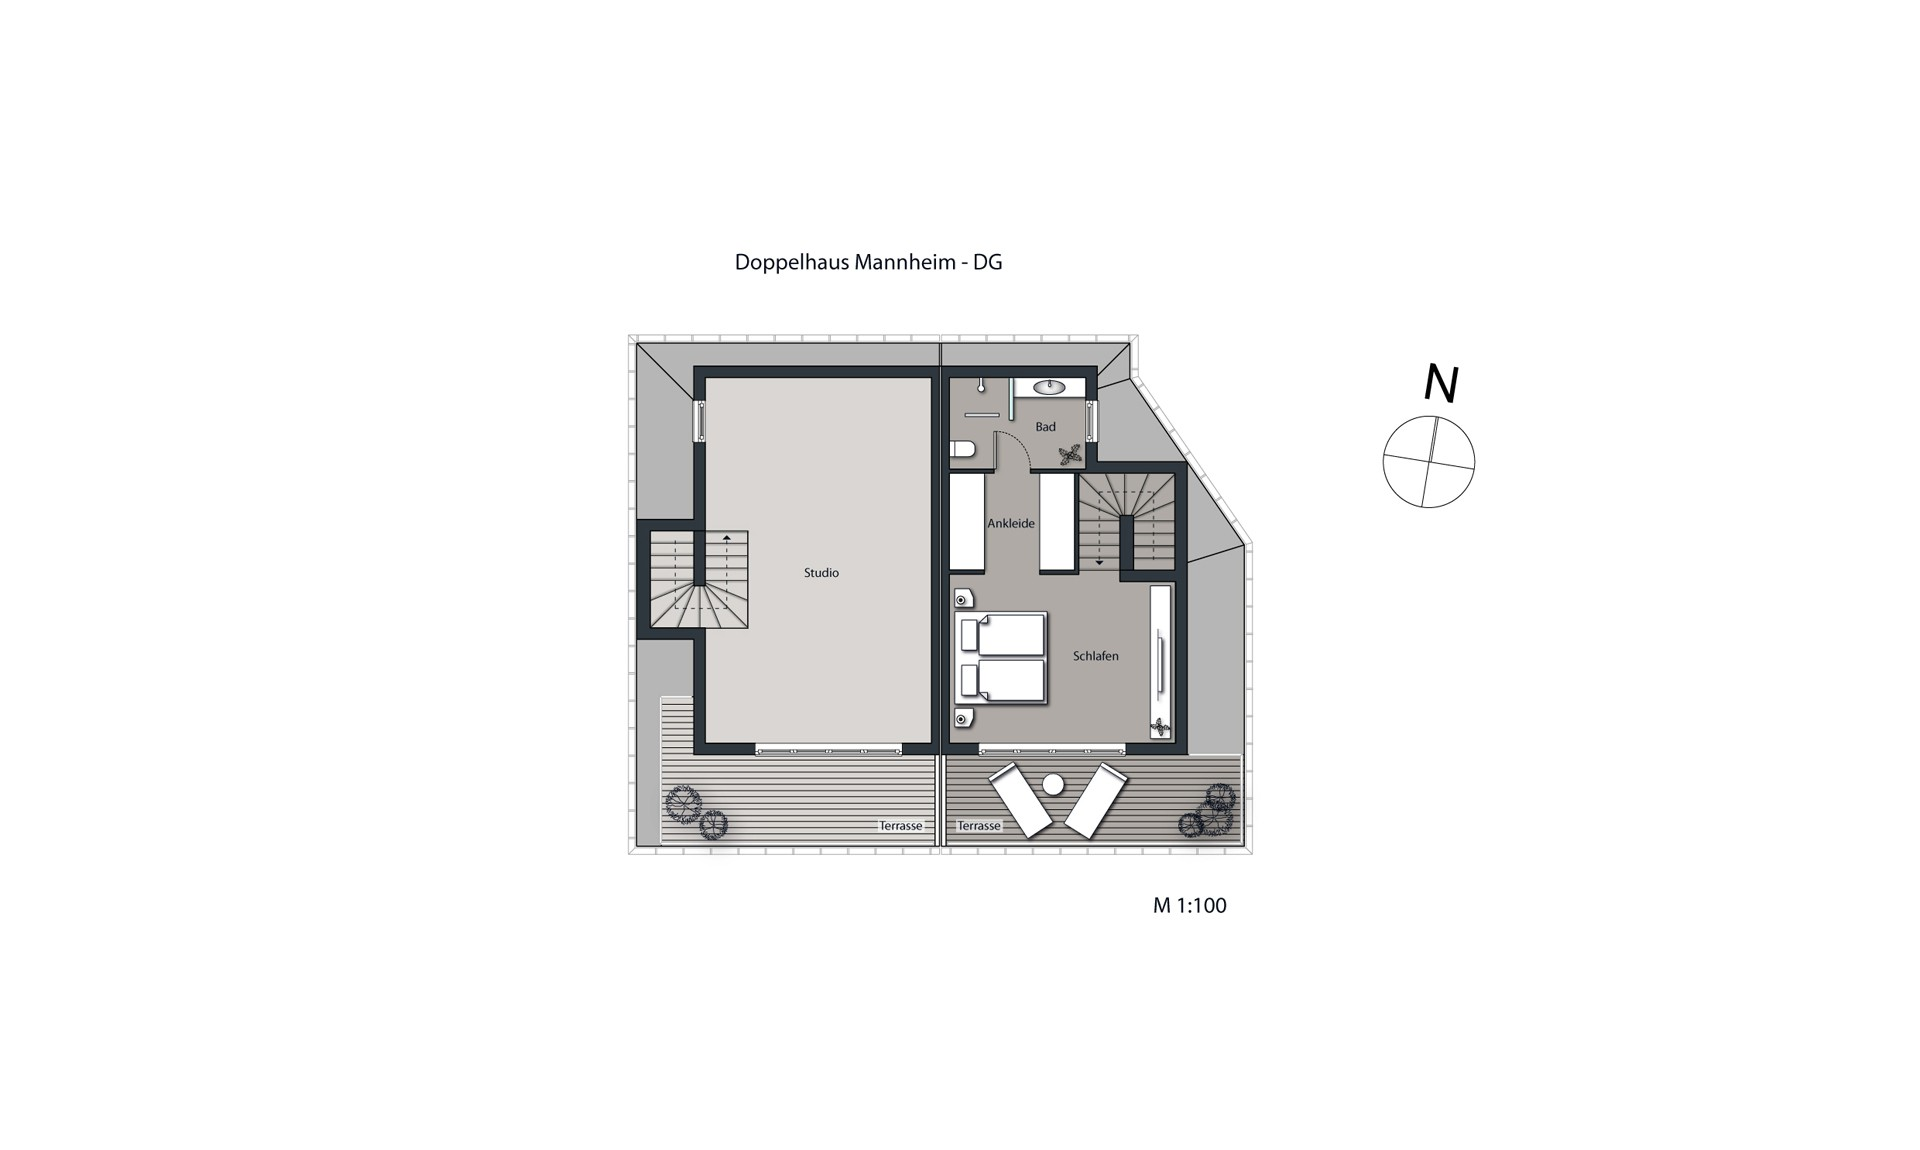 Visualisierung Doppelhaus Mannheim Grundriss DG